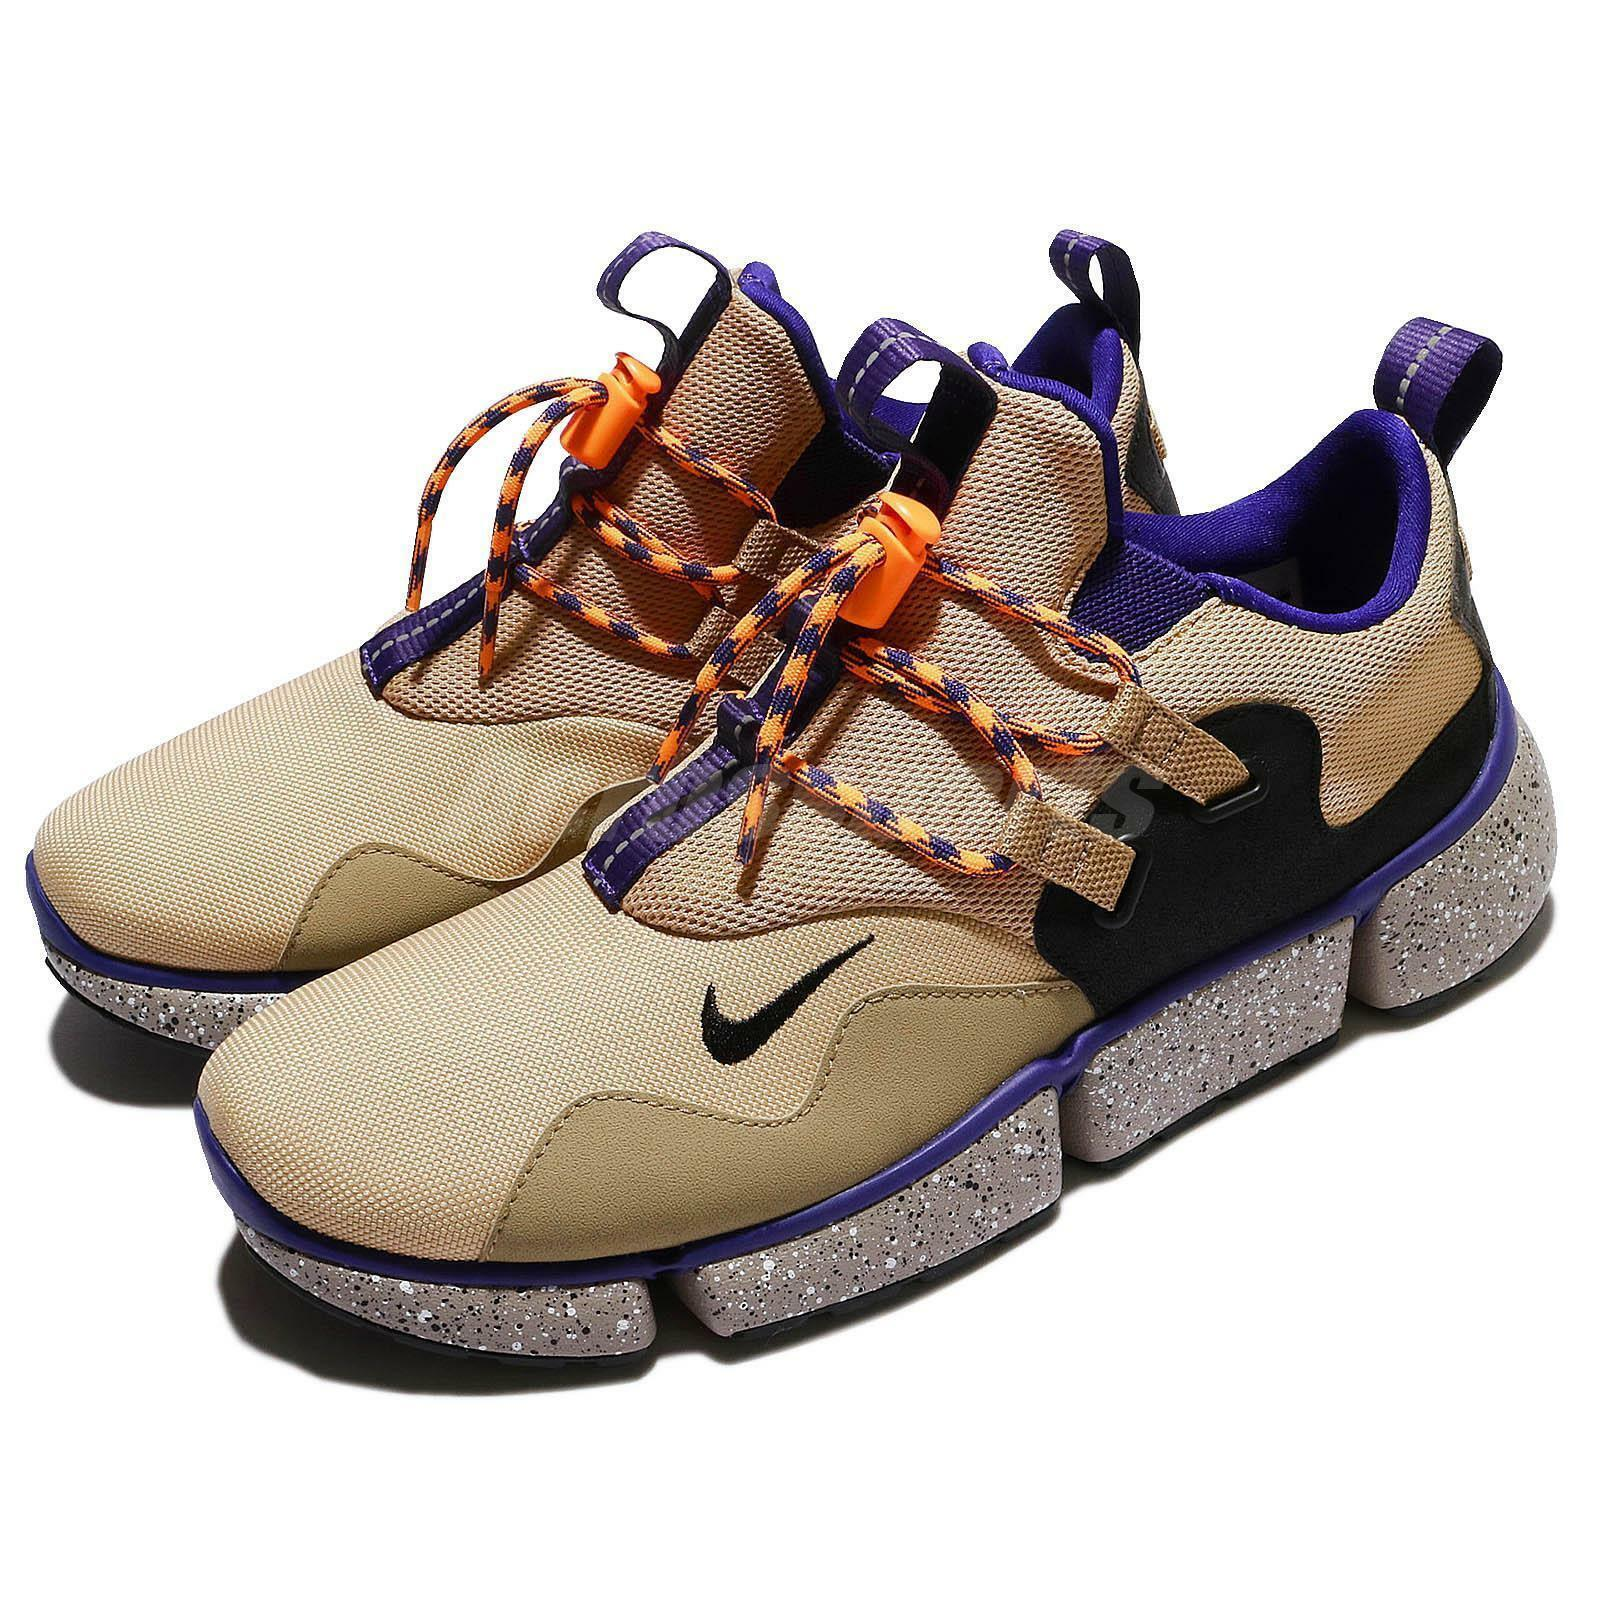 New Nike Khaki Pocketknife DM Men's Shoes Linen Black Khaki Nike Purple 898033 201 8b927d